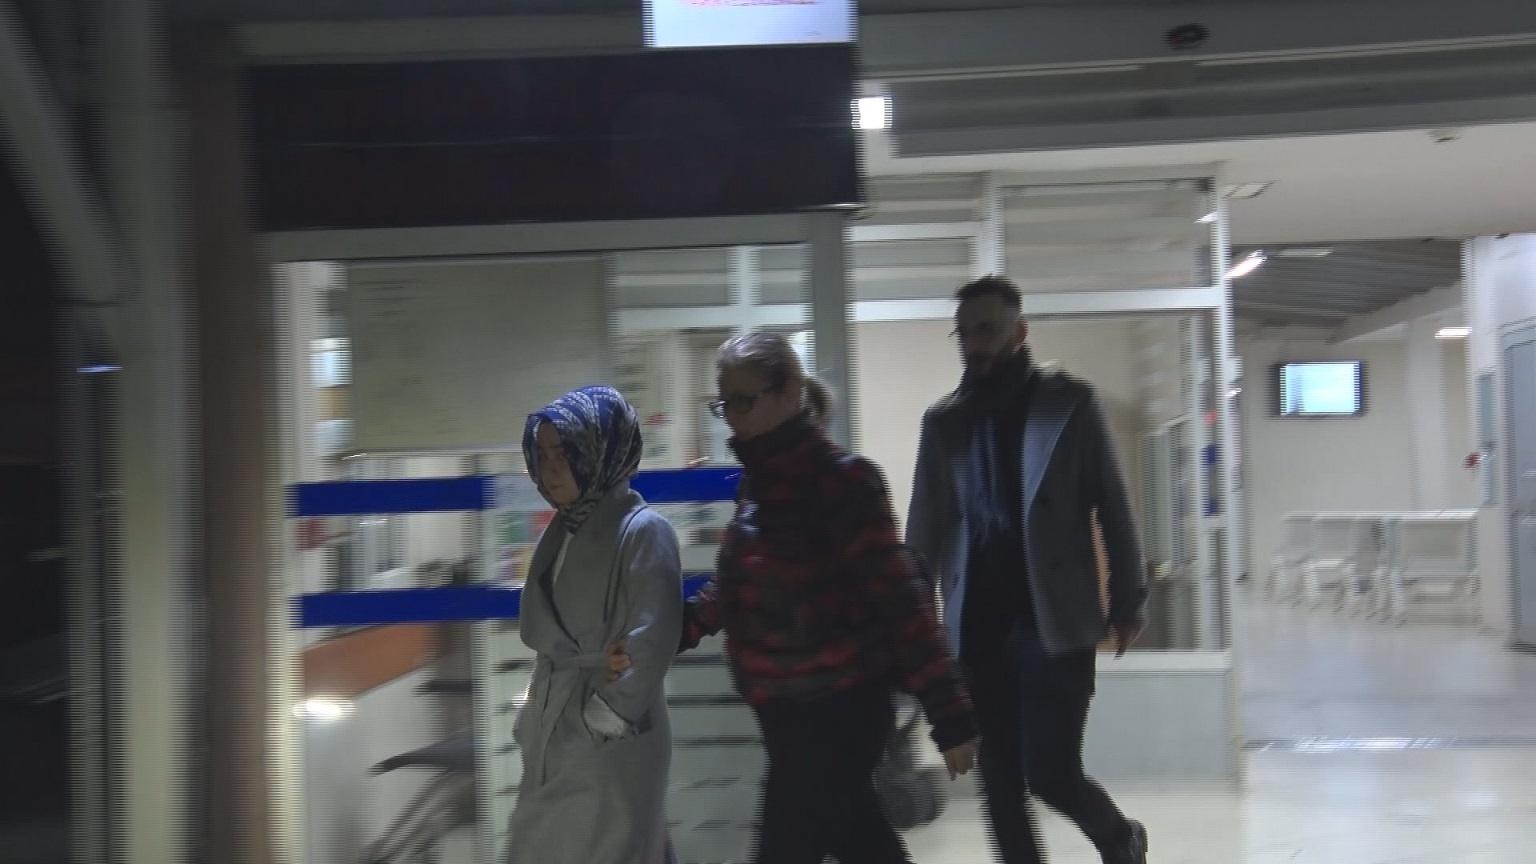 İstanbul'da FETÖ operasyonu: Çok sayıda gözaltı var